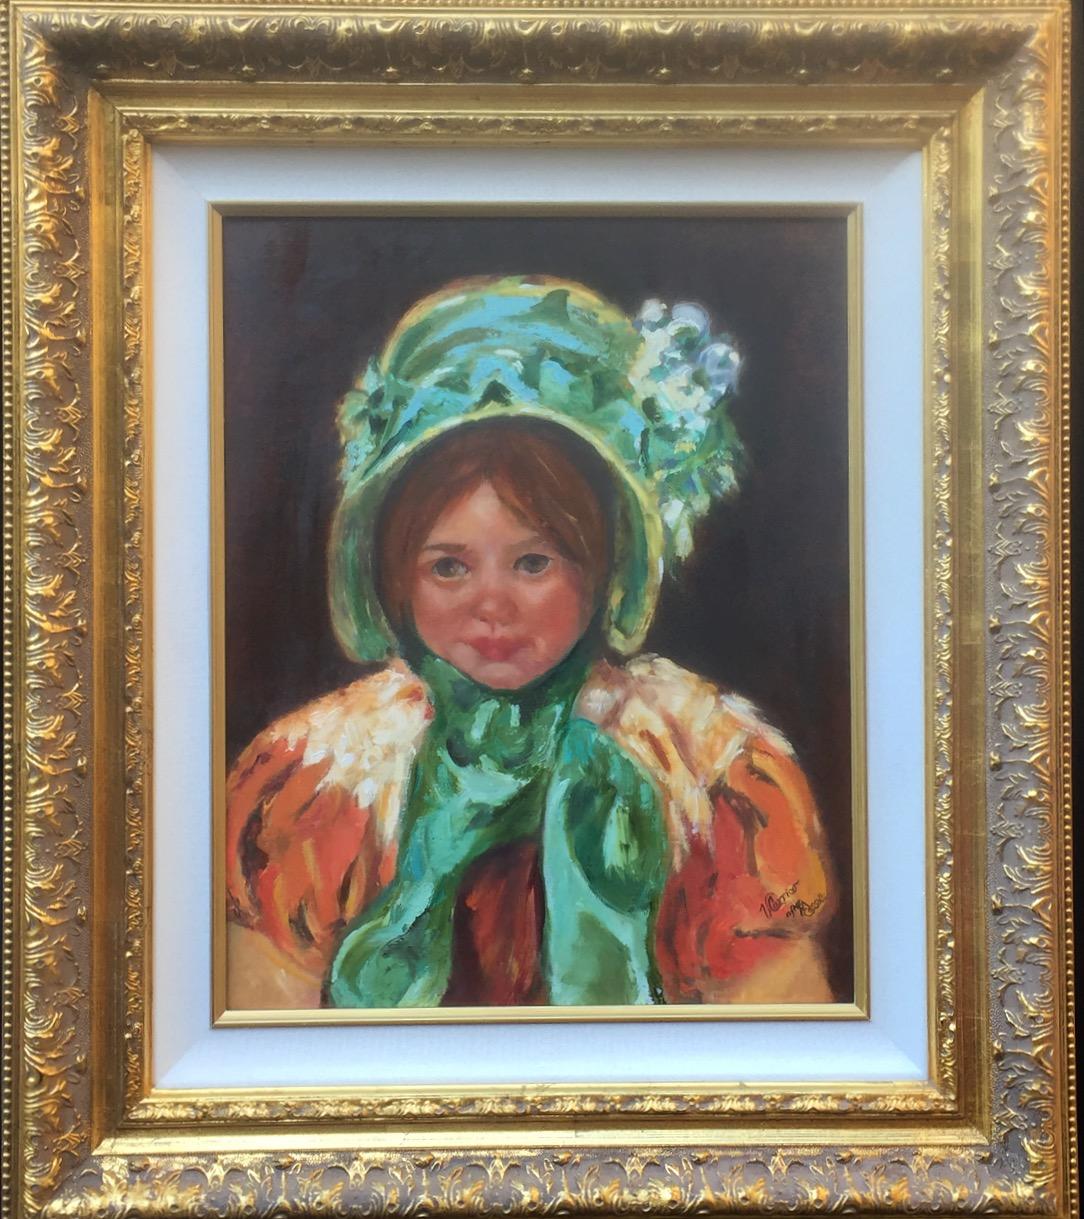 Sarah in a Green Bonnet (Aft Cassat)